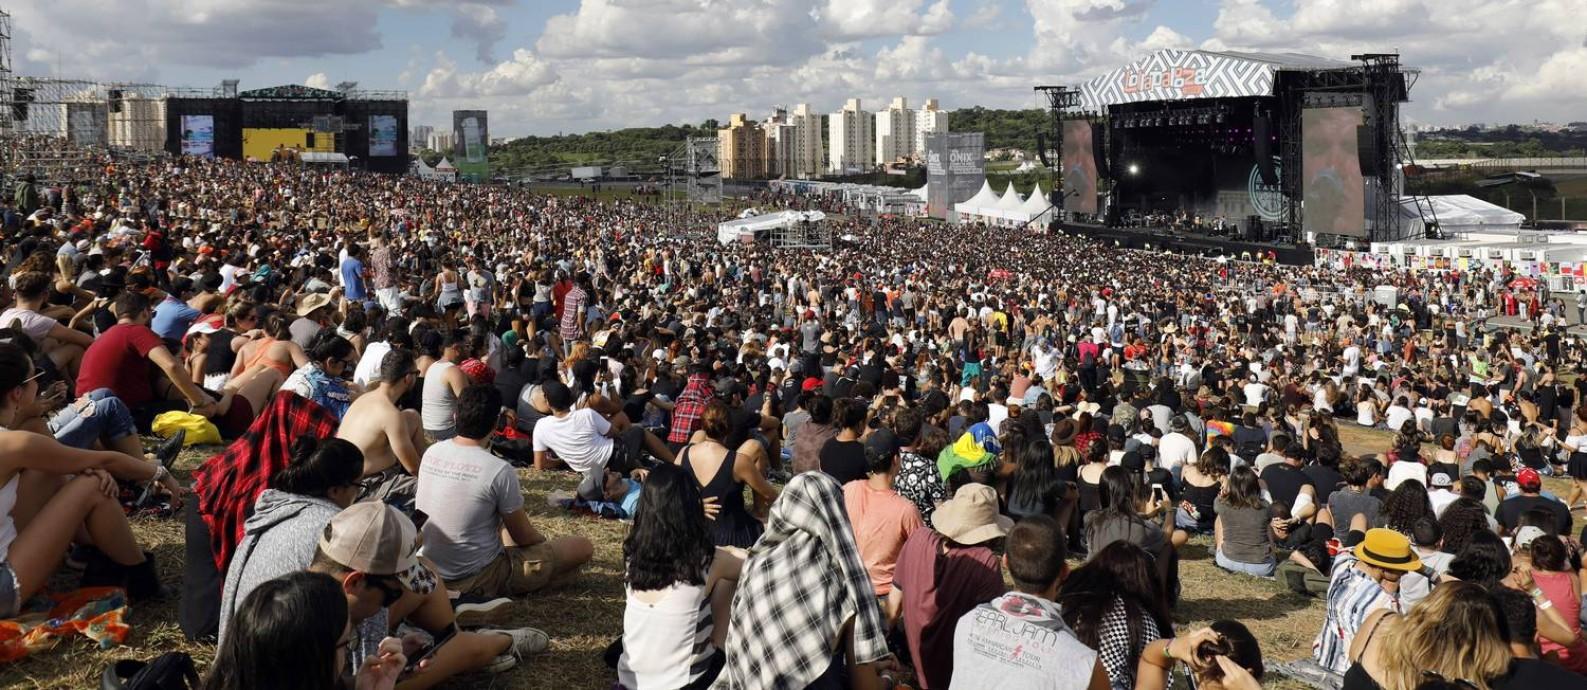 Público do Lollapalooza Brasil no ano passado: Guns N 'Roses, Strokes e Travis Scott confirmado para dezembro Foto: Lucas Tavares / Agência O Globo